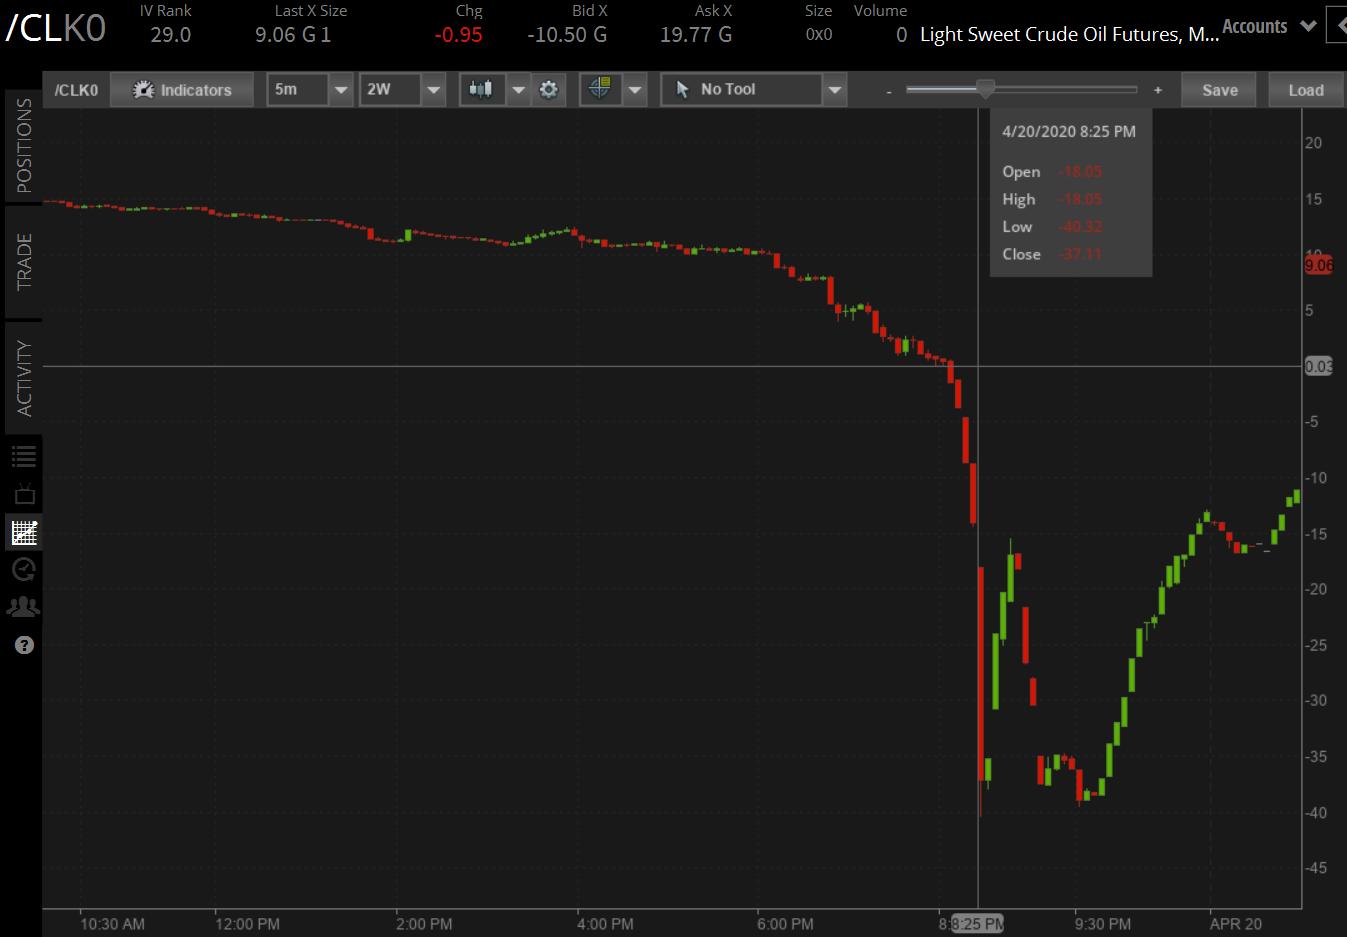 Ujemna cena ropy WTI z kontraktu majowego /CLK0